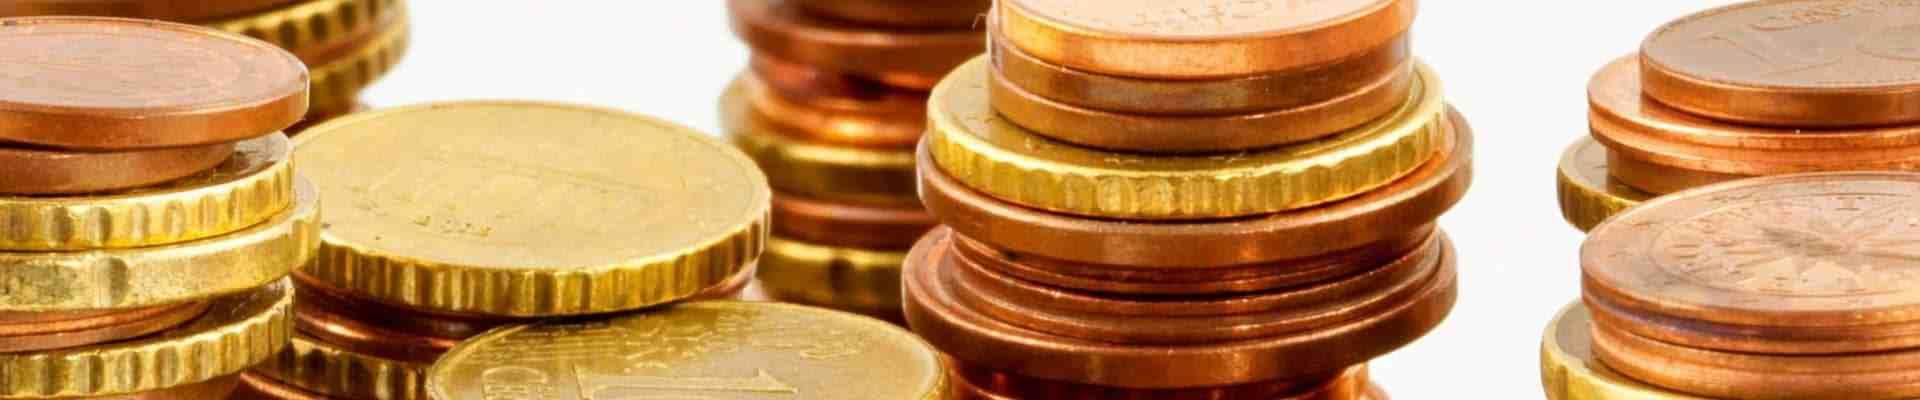 Российские вкладчики возвращают средства на счета банковских вкладов